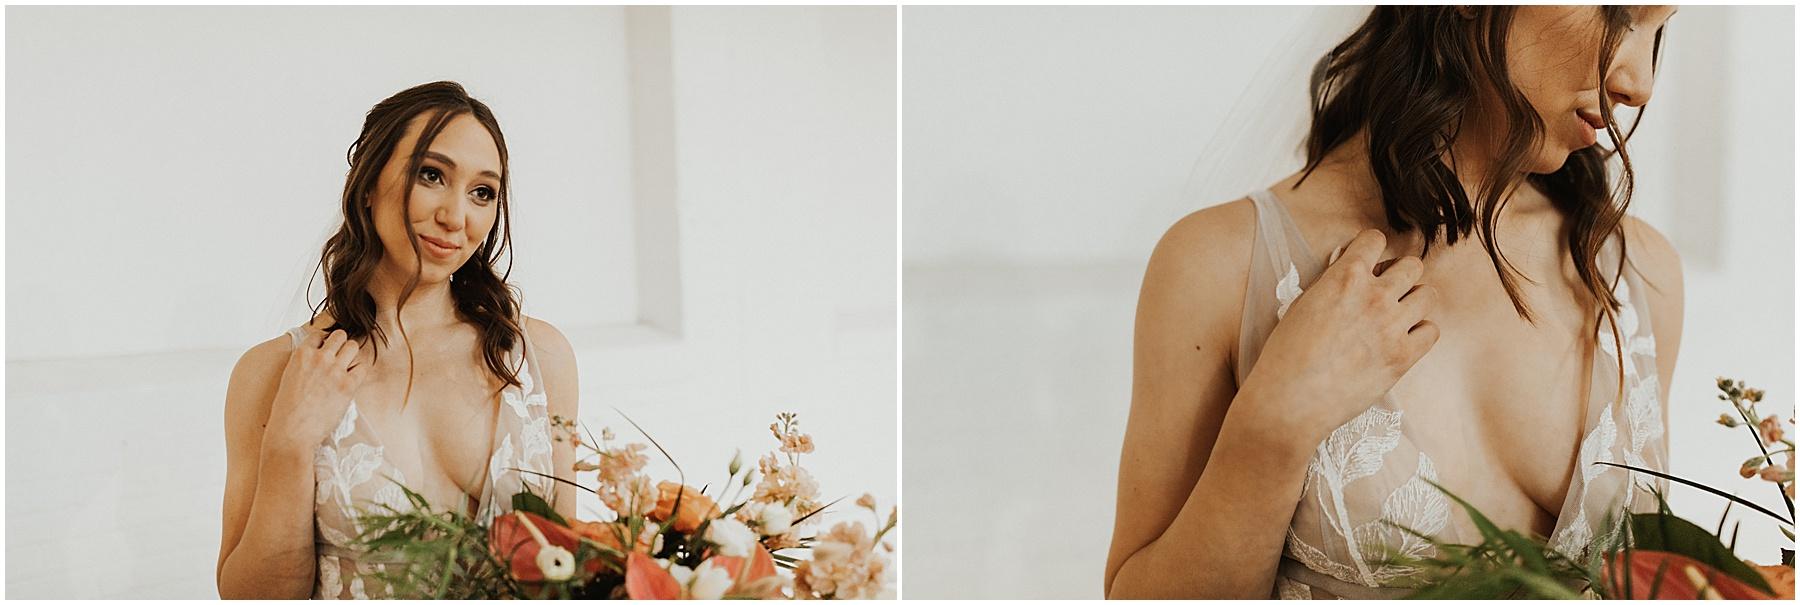 Tropical inspired boho wedding cleveland ohio the madison venue winter wedding_0109.jpg